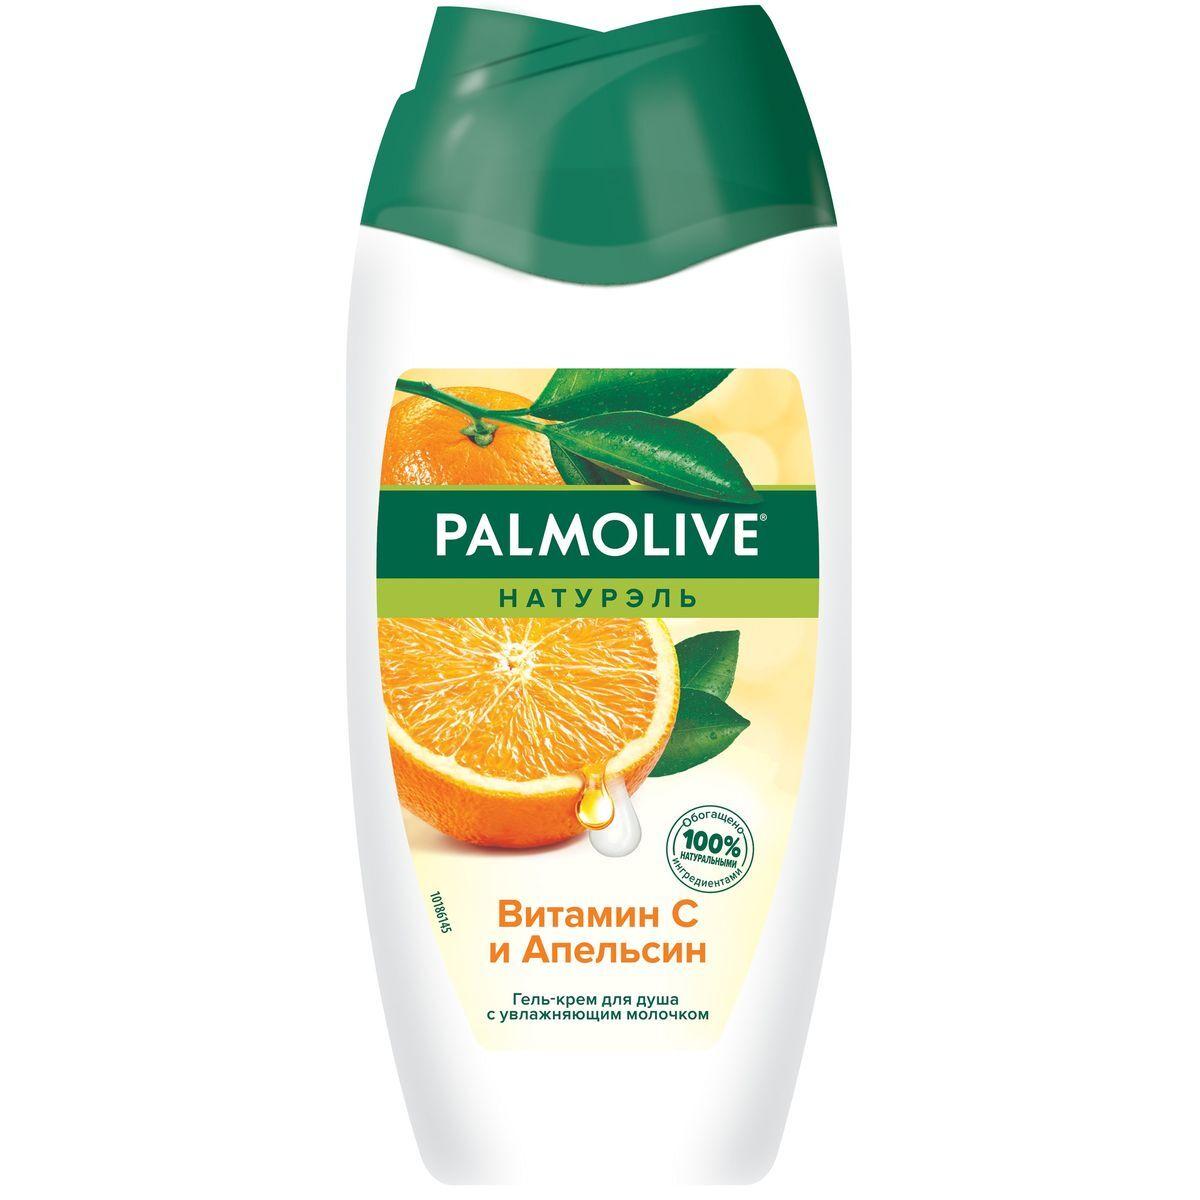 Гель для душа Палмолив Витамин С и Апельсин 250 мл